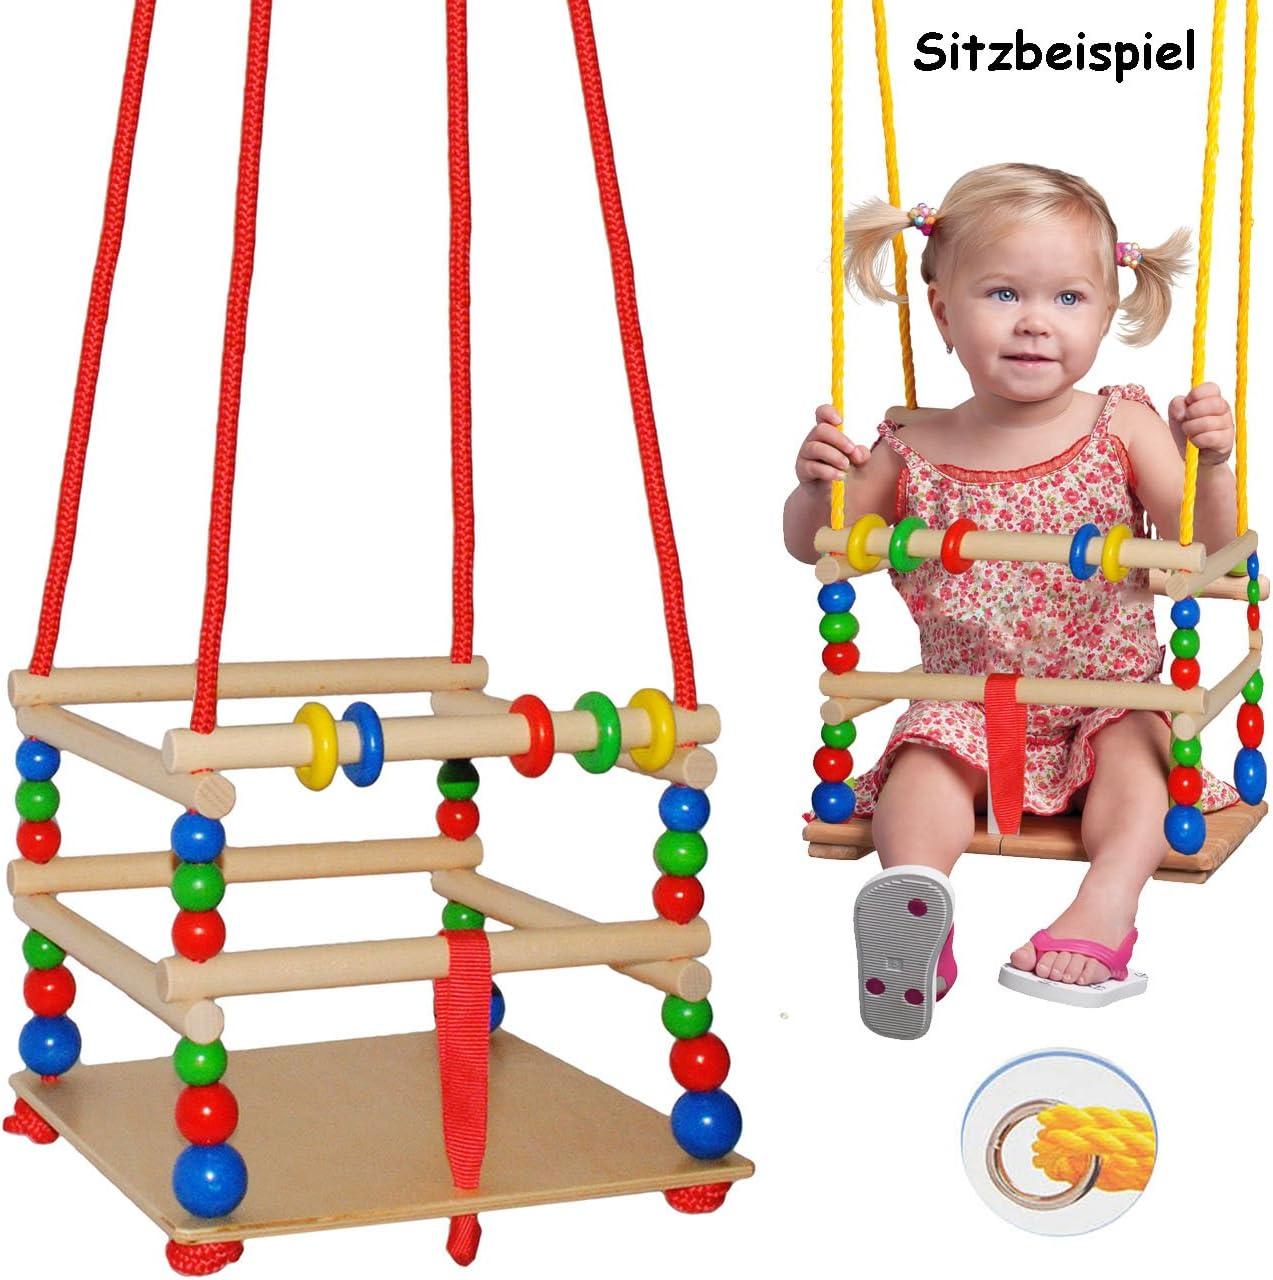 verstellbare Kl.. Leichter Einstieg ! mit Gurt // Kinderschaukel alles-meine.de GmbH Gitterschaukel aus Holz Schaukel /& Babyschaukel Name mitwachsend /& verstellbar incl